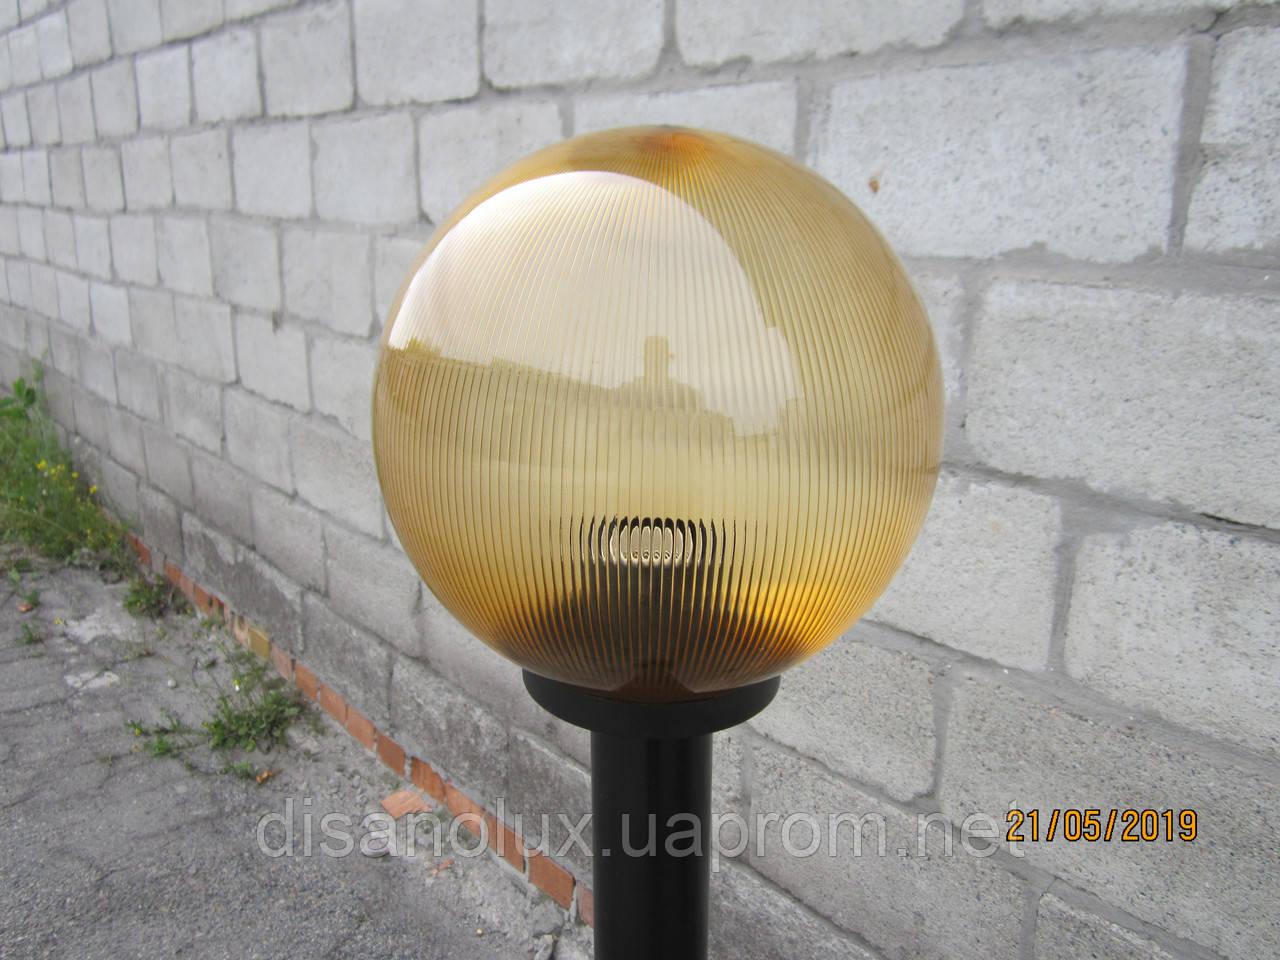 """Светильник парковый уличный """"Столб"""" 0.50 м  и шар NF1801 φ250  золото призматик  IP44"""